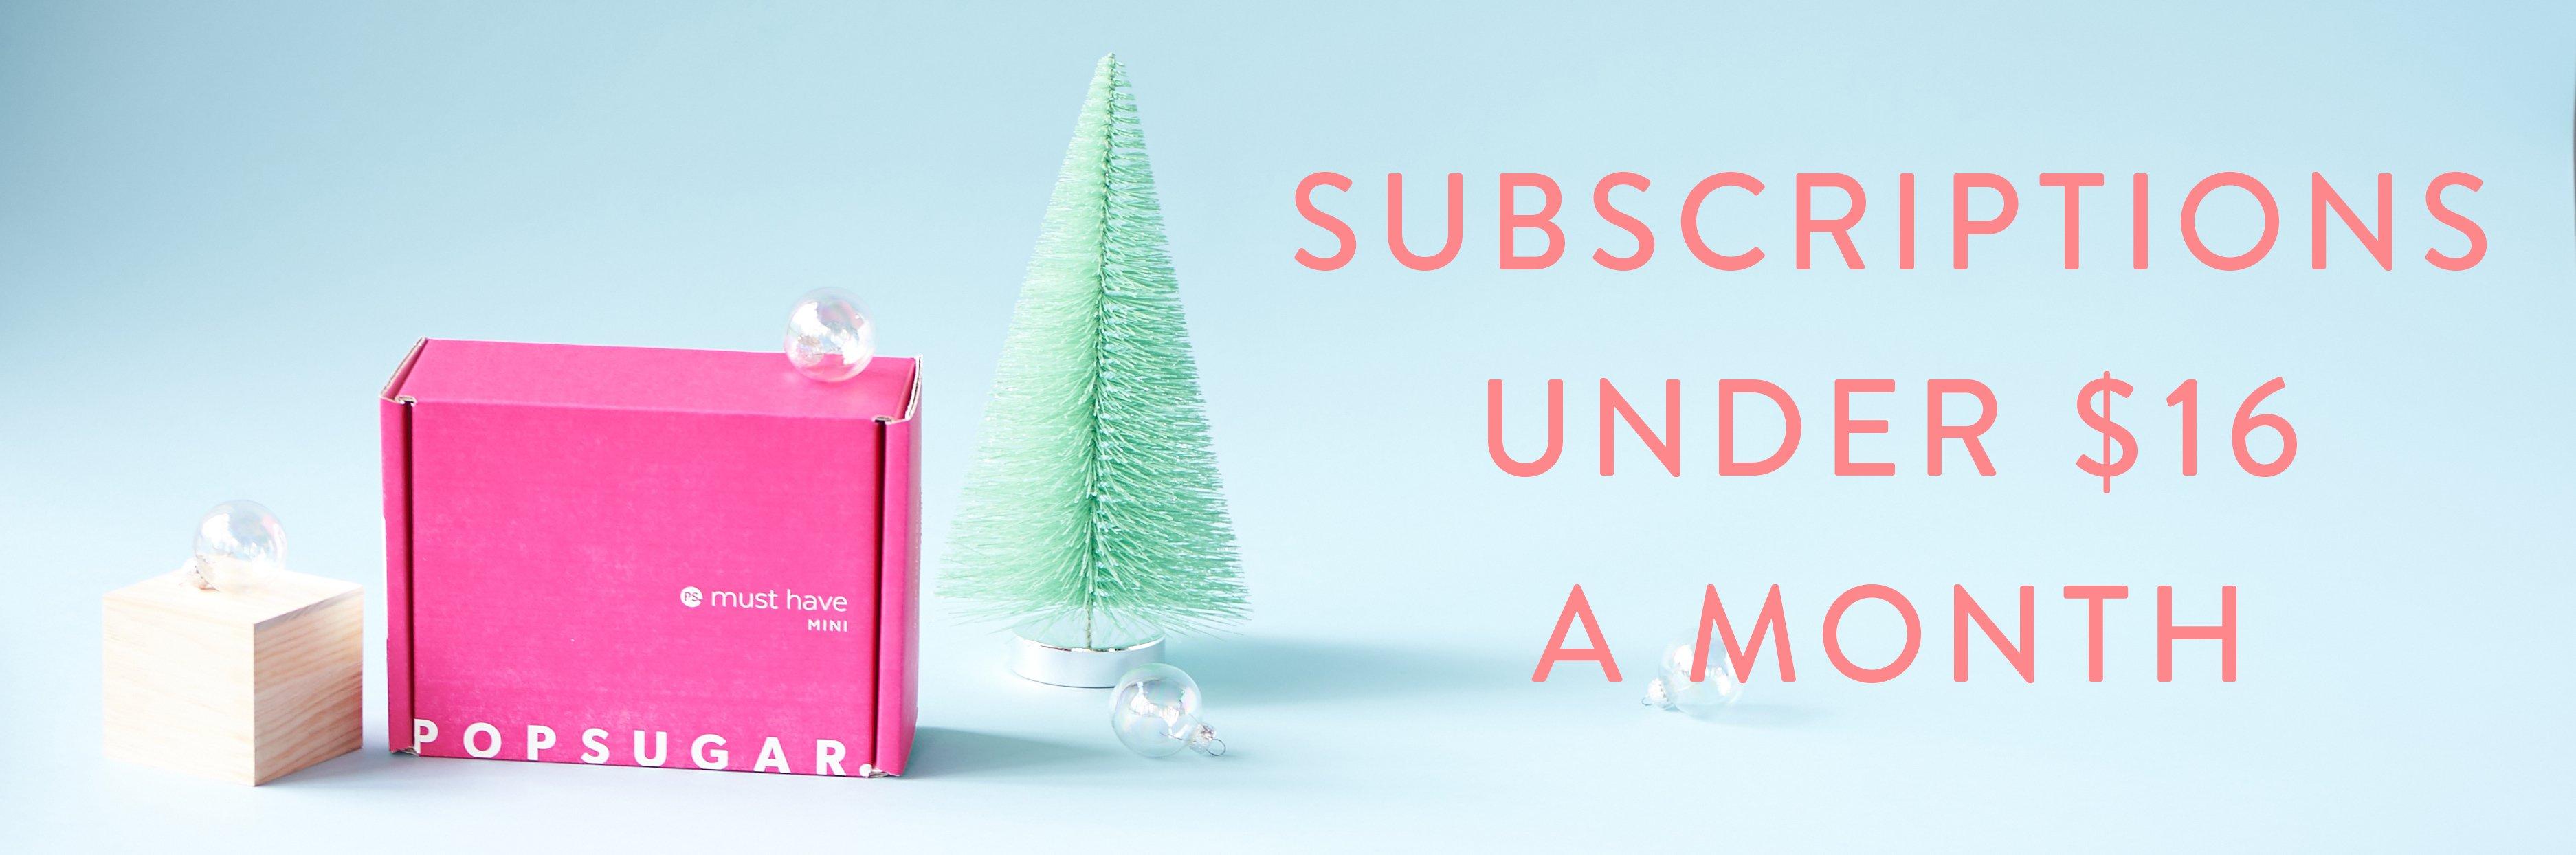 2016-subscriptions-under-16-a-month-alt1